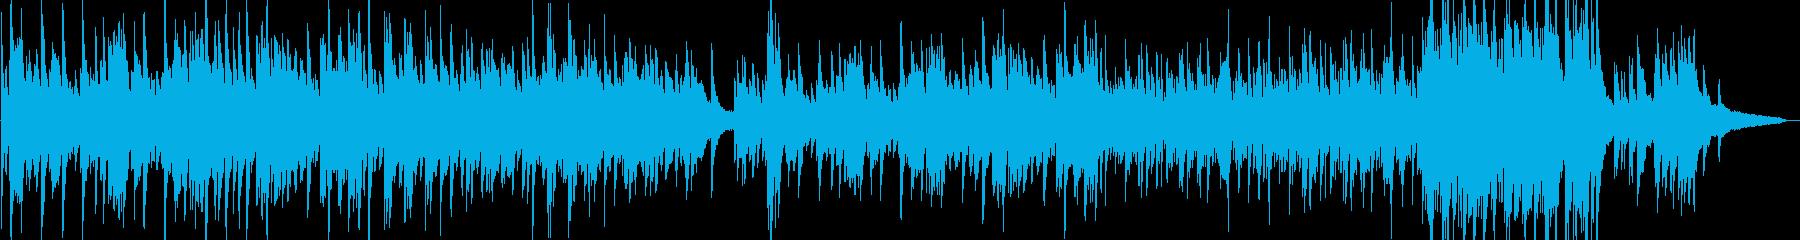 ピアノソロで企業VP映像OPにの再生済みの波形